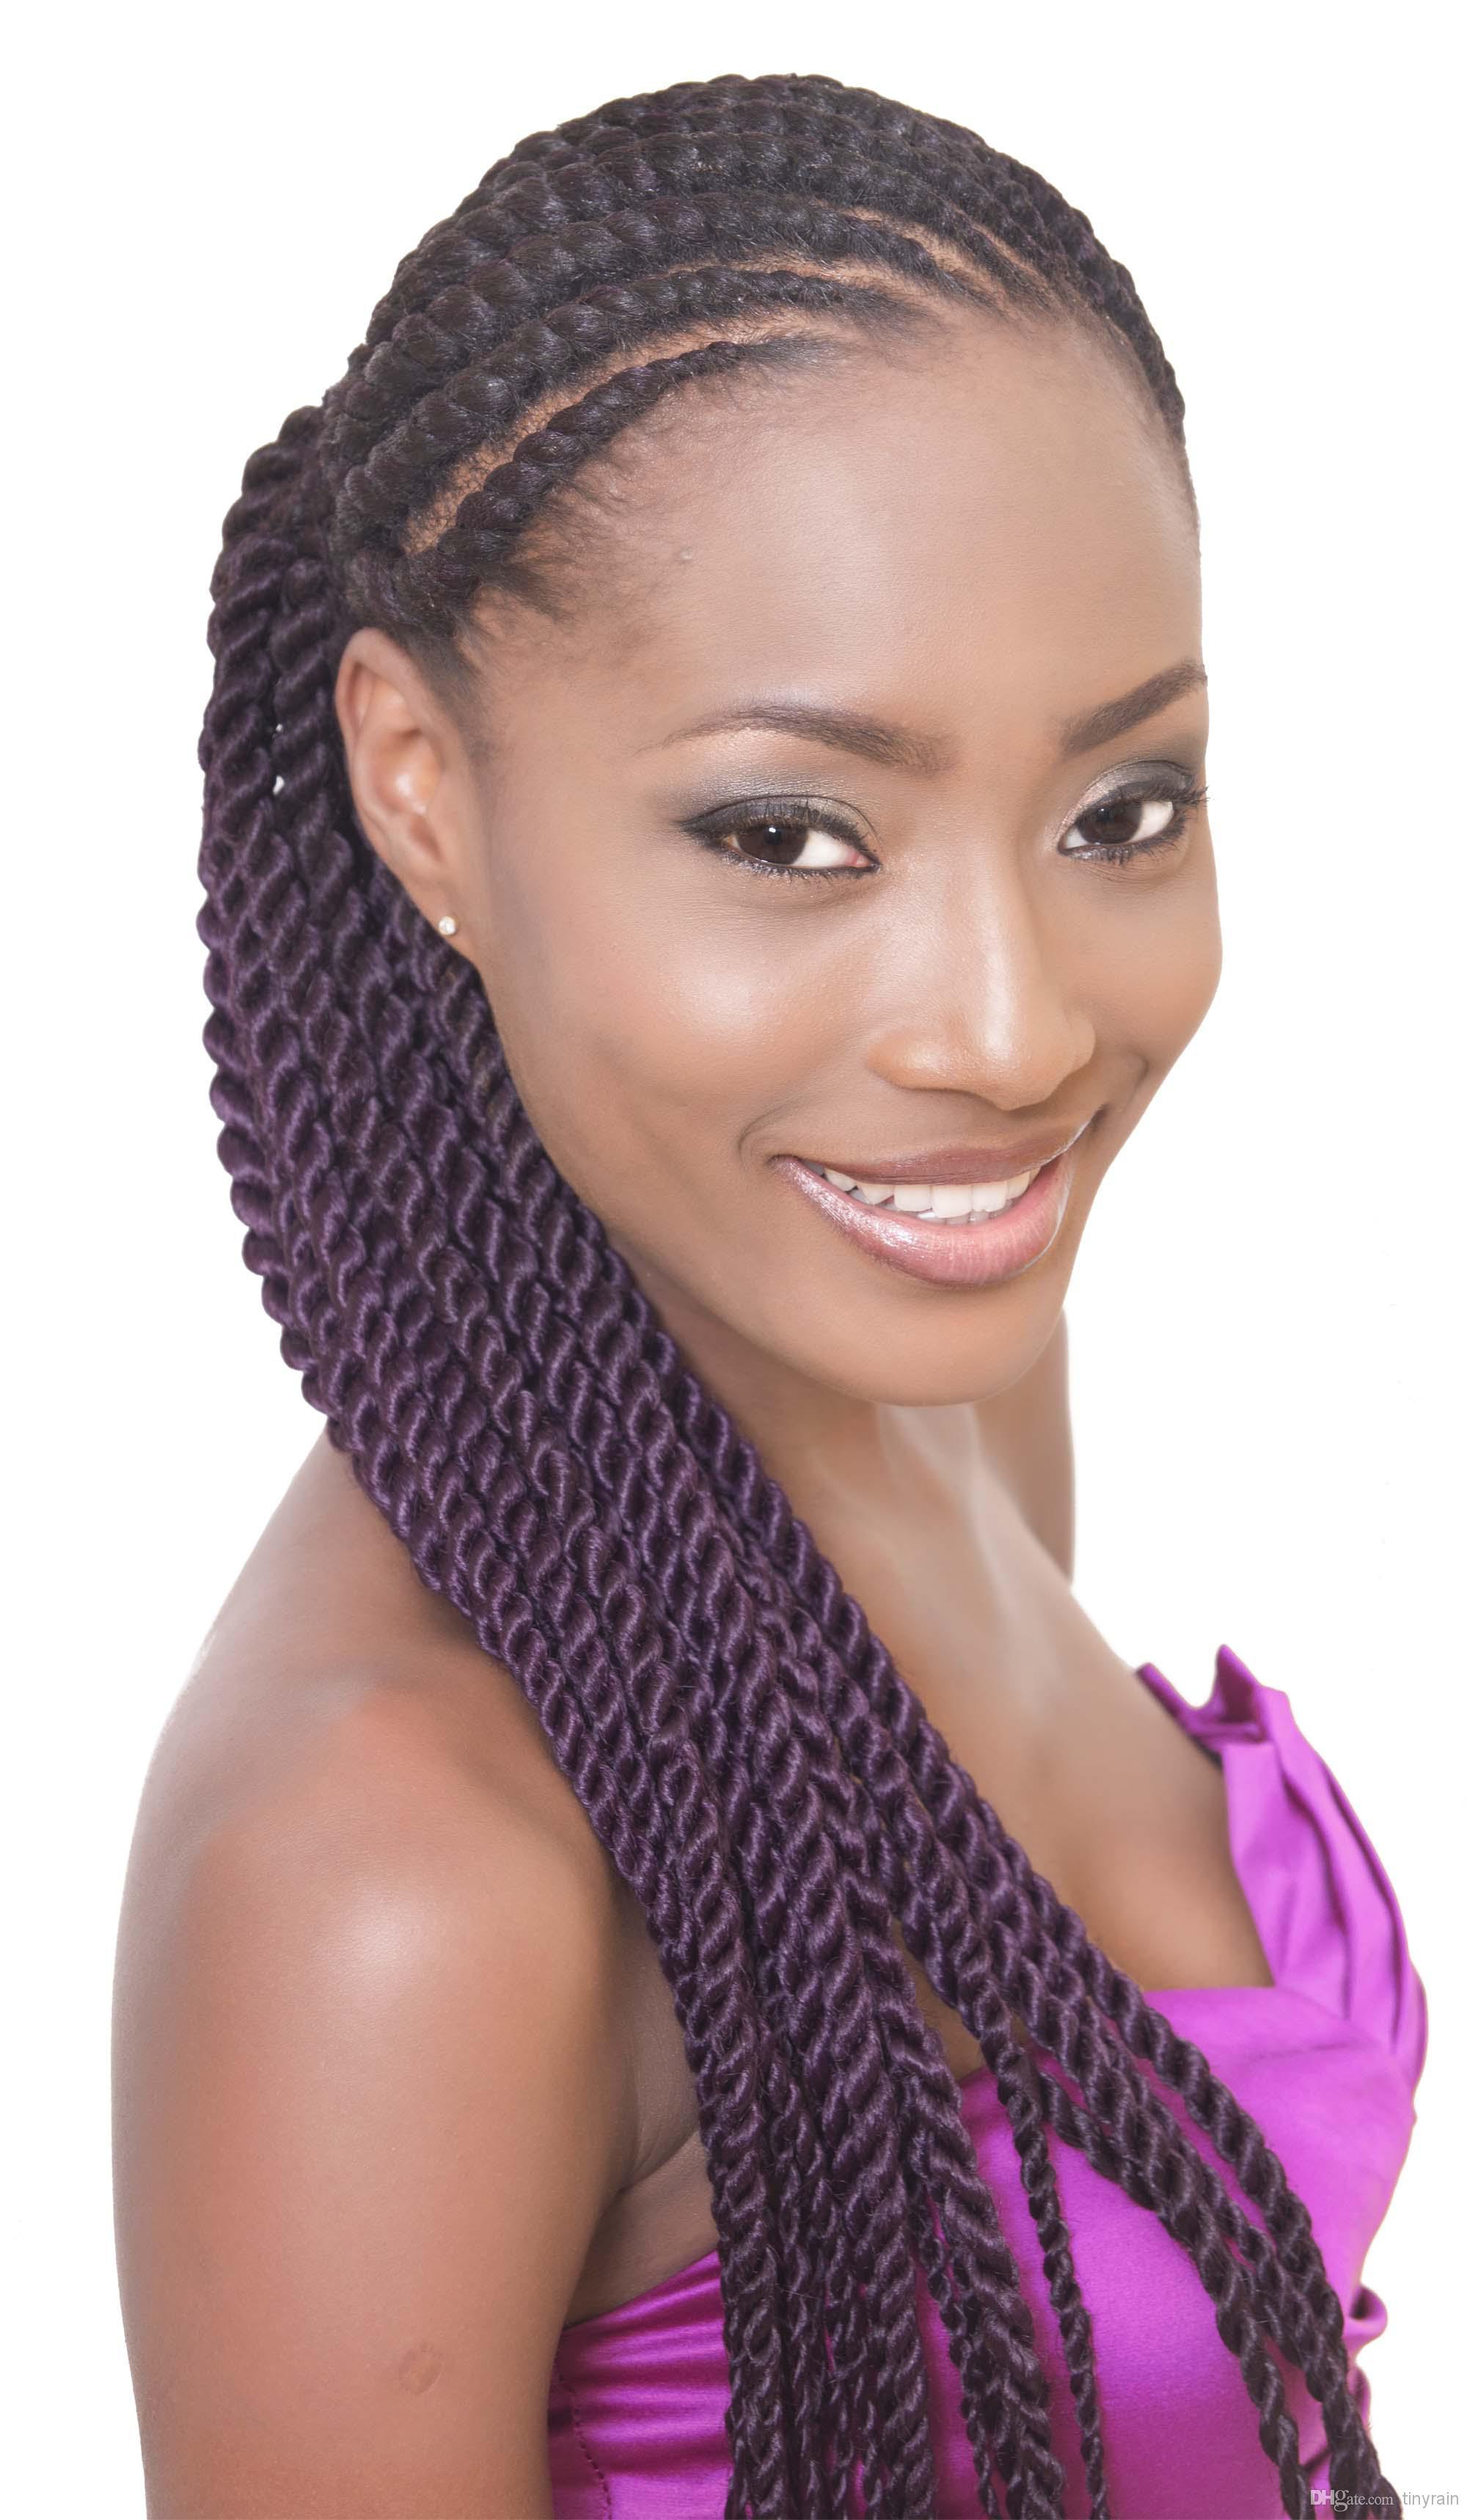 Awe Inspiring Xp Kanekalon Hair Ultra Braid 82Inch 165G Wholesale 15Kinds Color Short Hairstyles Gunalazisus